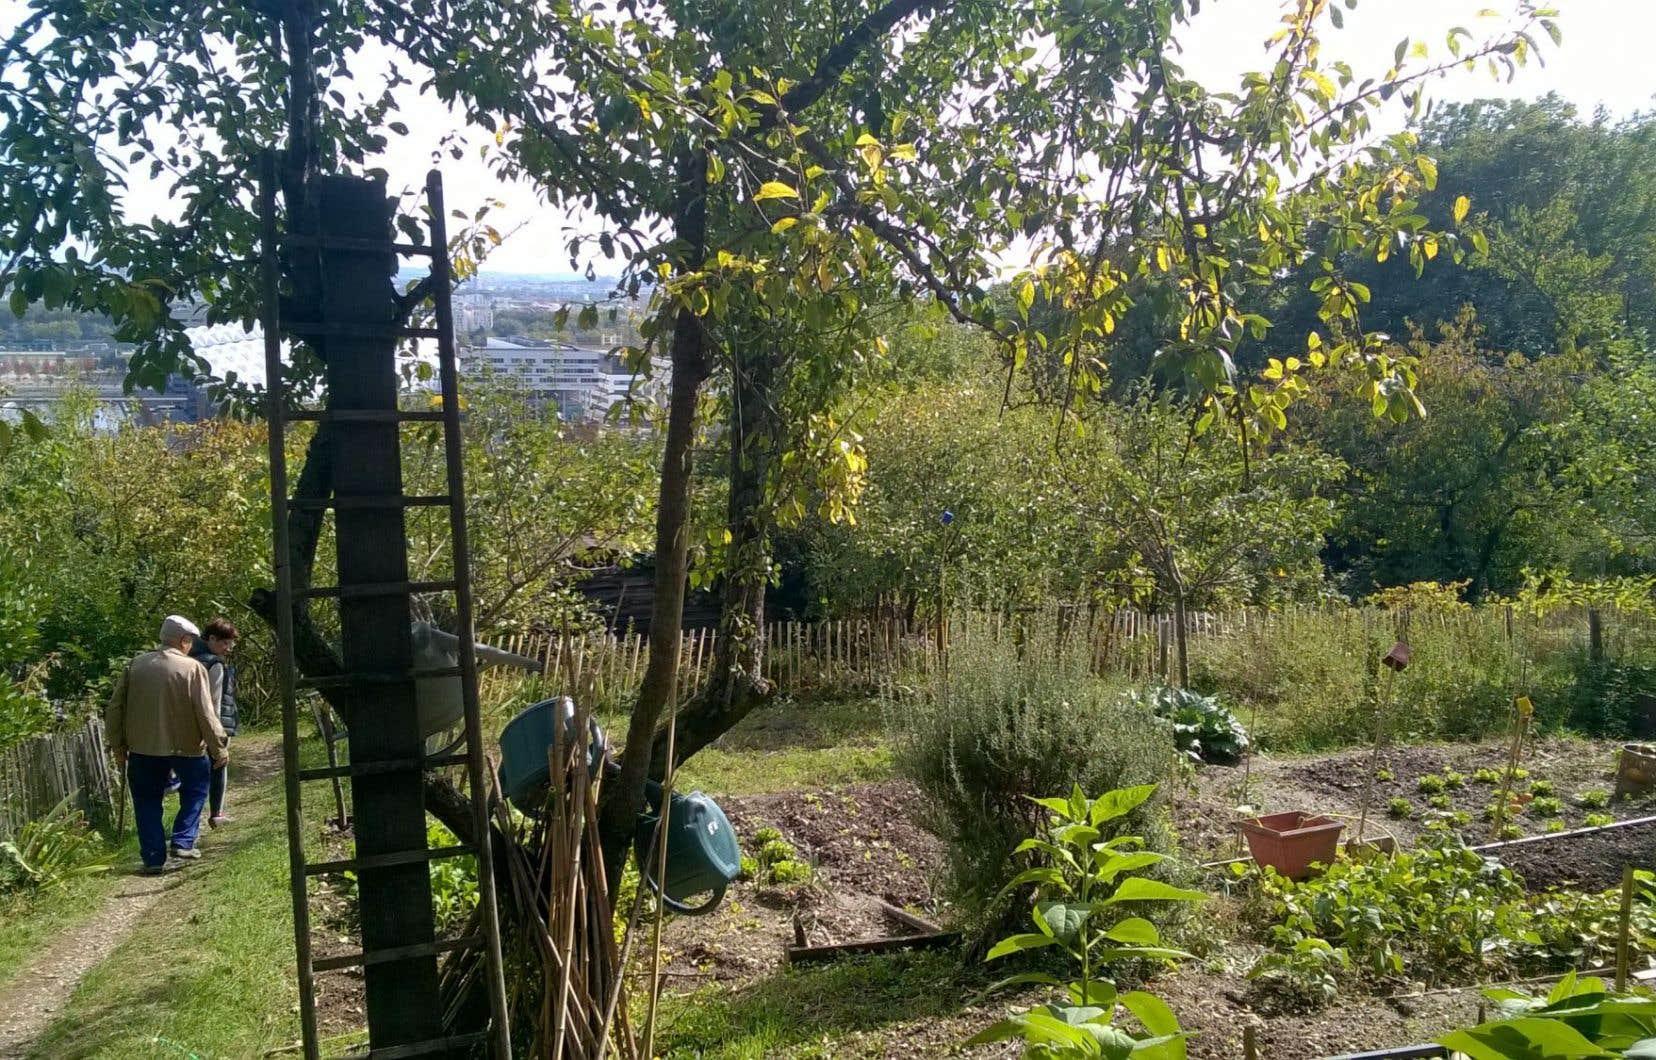 Les jardins de Fontanières, véritable lieu de nature en ville, sont implantés sur la balme de la Saône en surplomb du quartier de la Confluence.